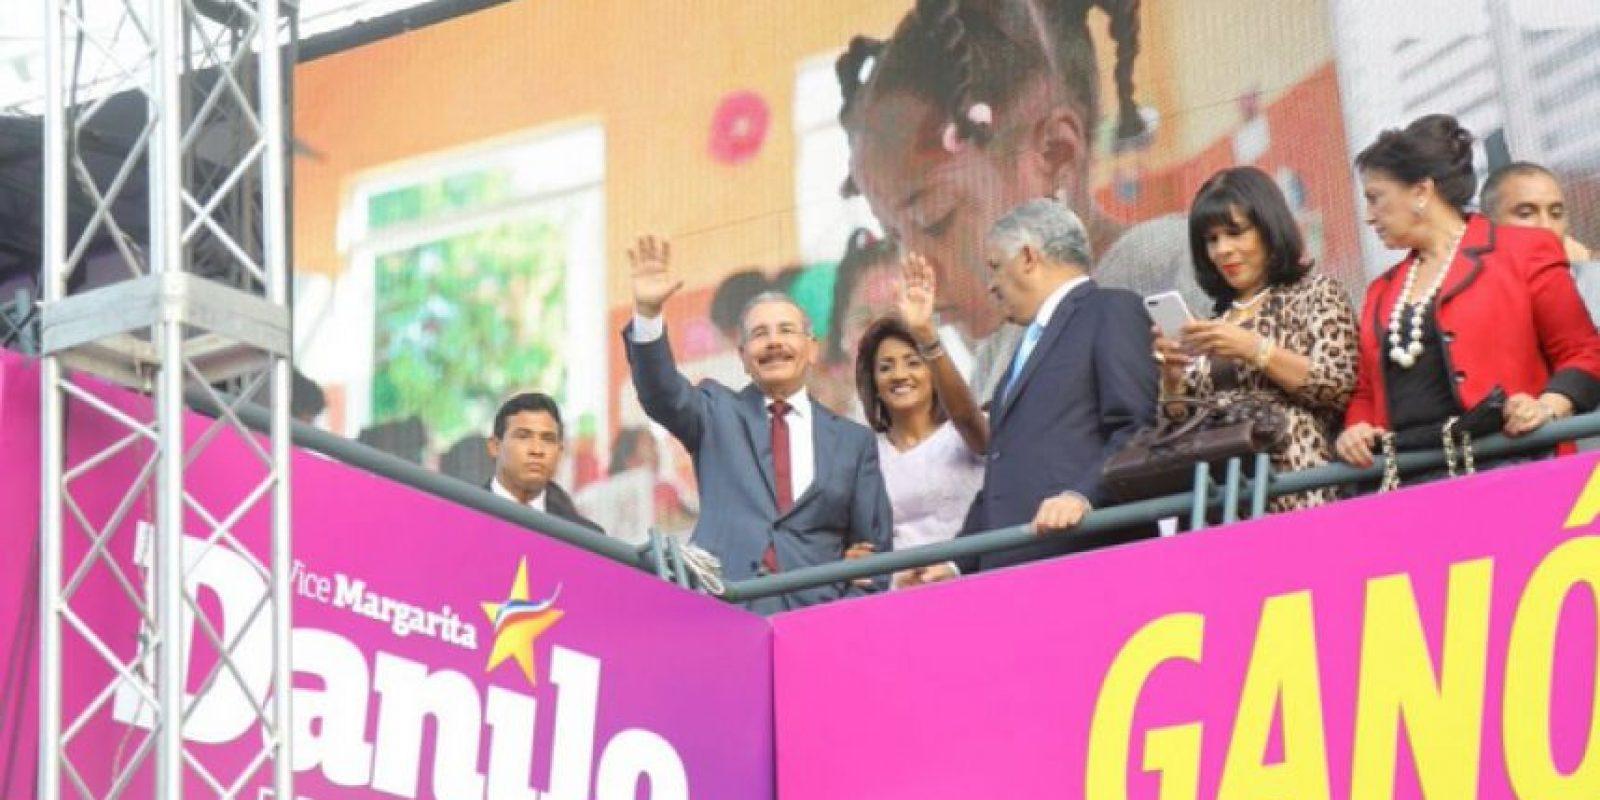 El presidente Medina celebrando el triunfo del PLD Foto:Fuente Externa